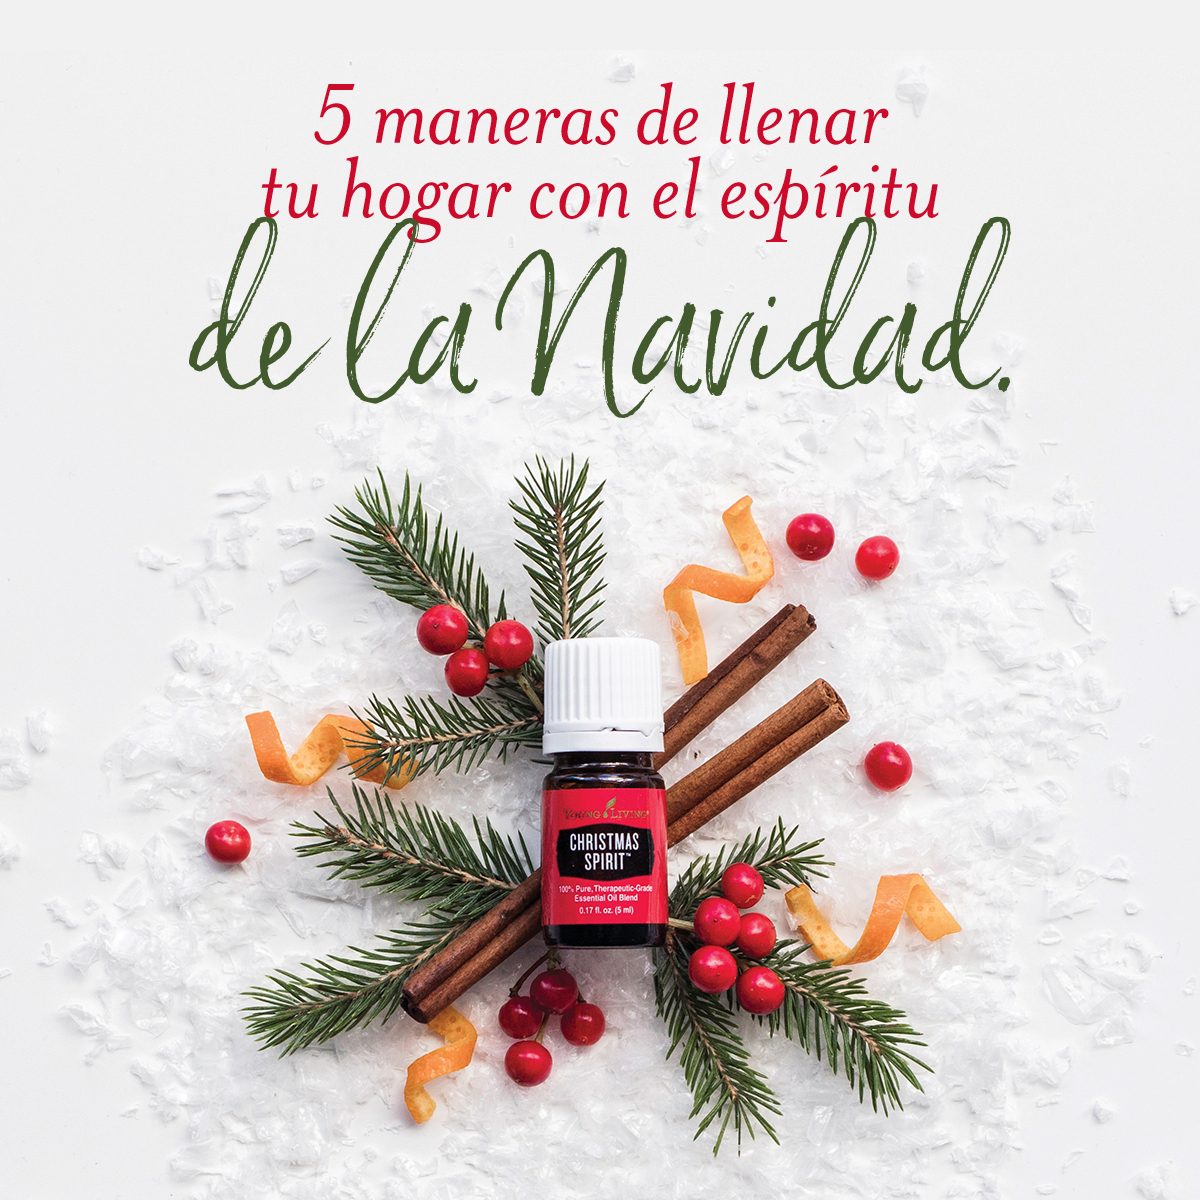 5 Maneras de llenar tu hogar con el Espíritu de la Navidad